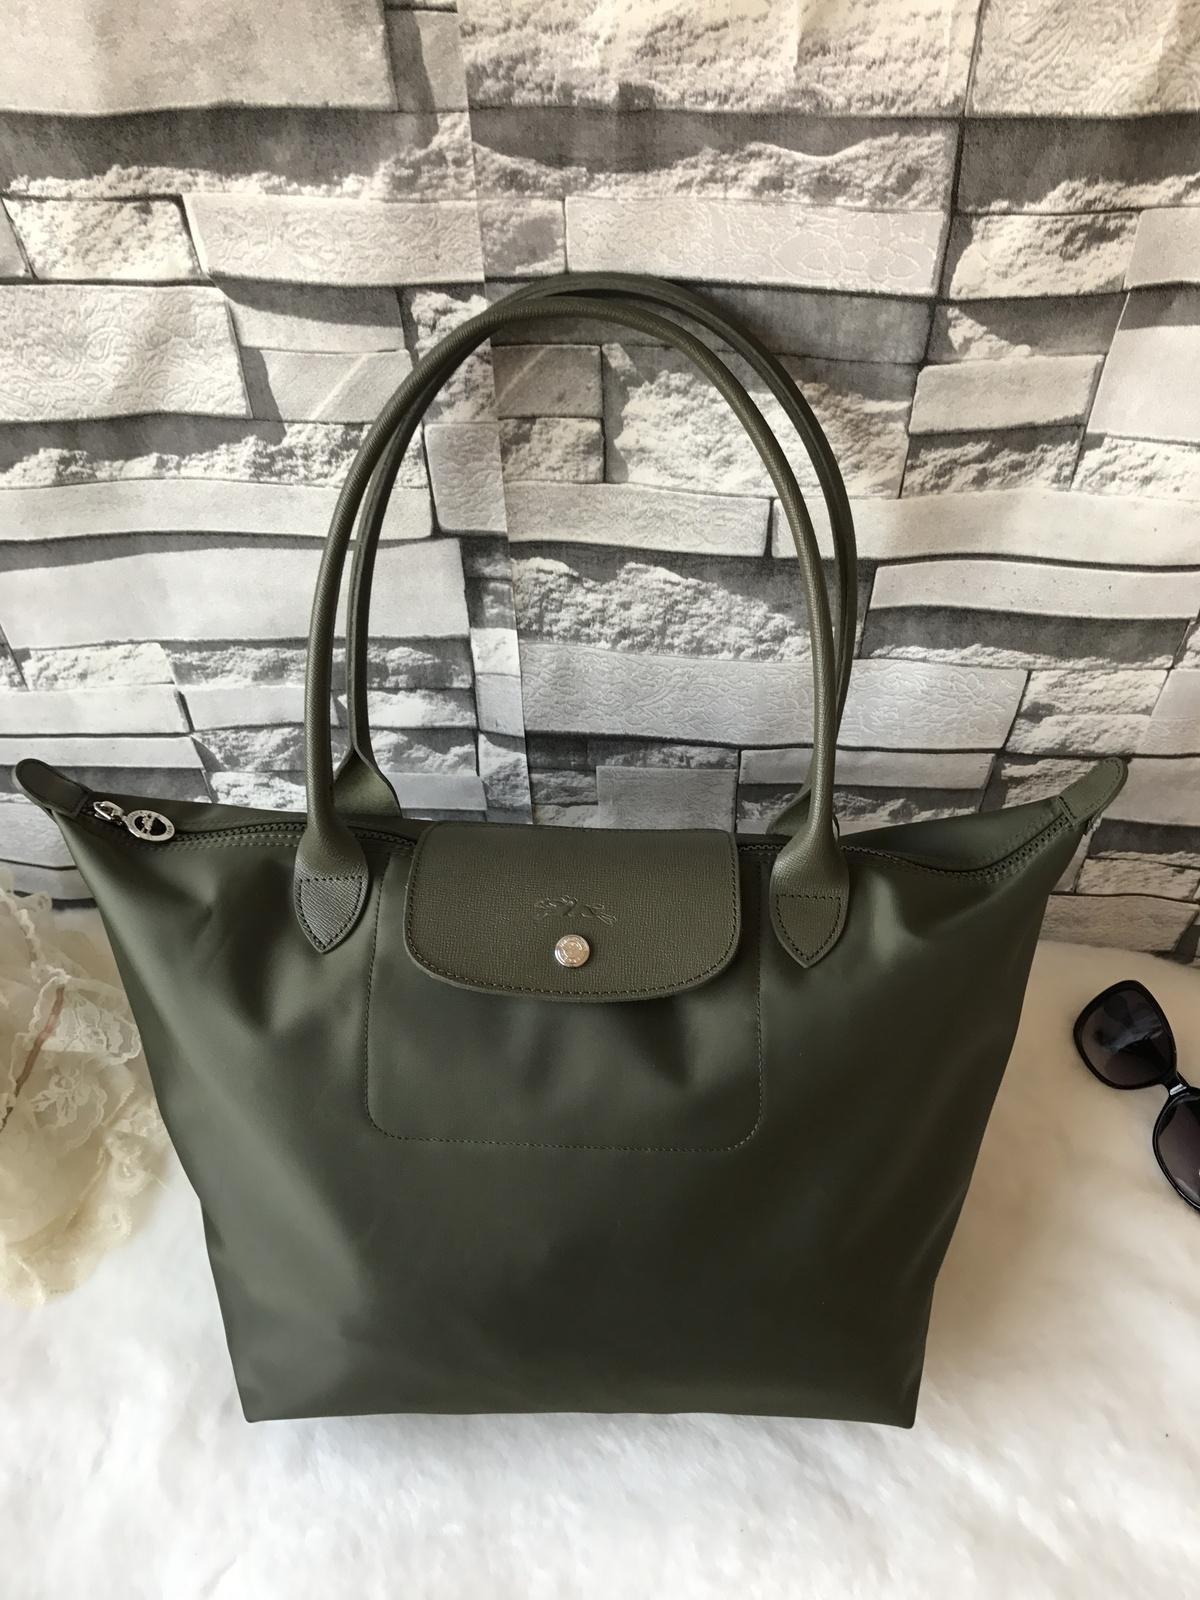 Longchamp Le Pliage Handbag Neo Tote Large and 50 similar items 7ad2775da1dff